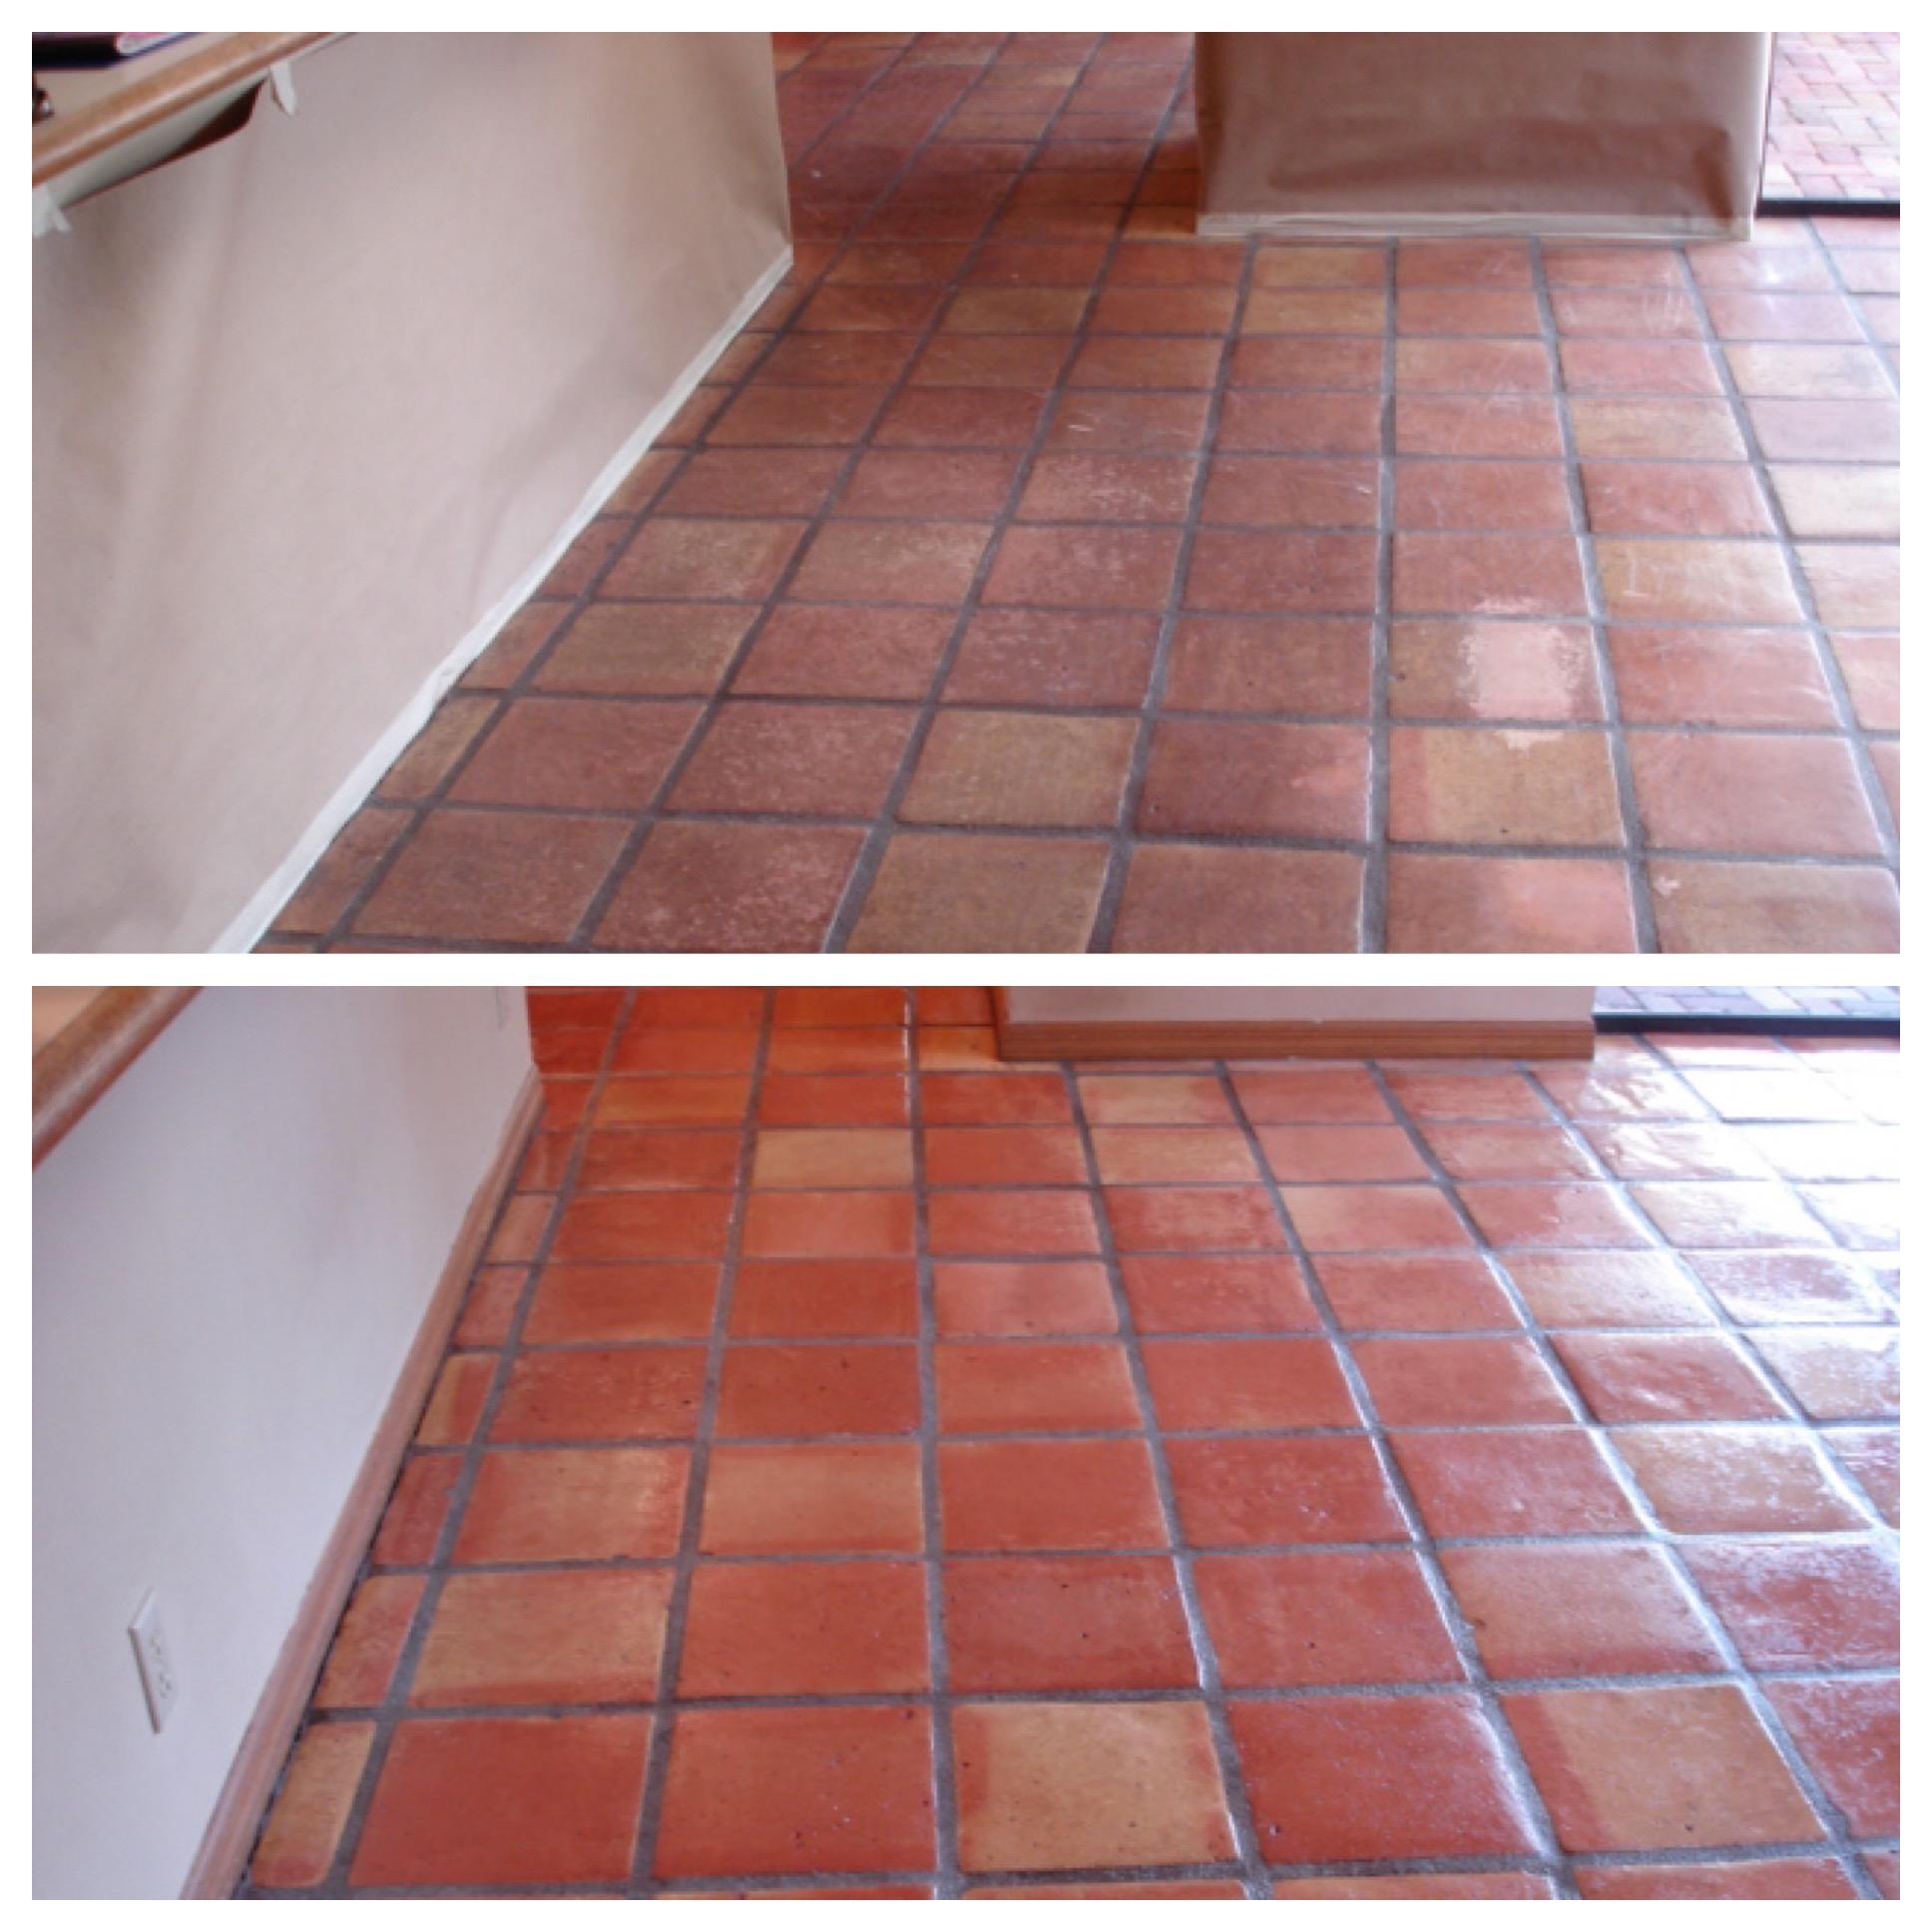 Mexican Tile In Jupiter Fl 561 Carpet And Tile